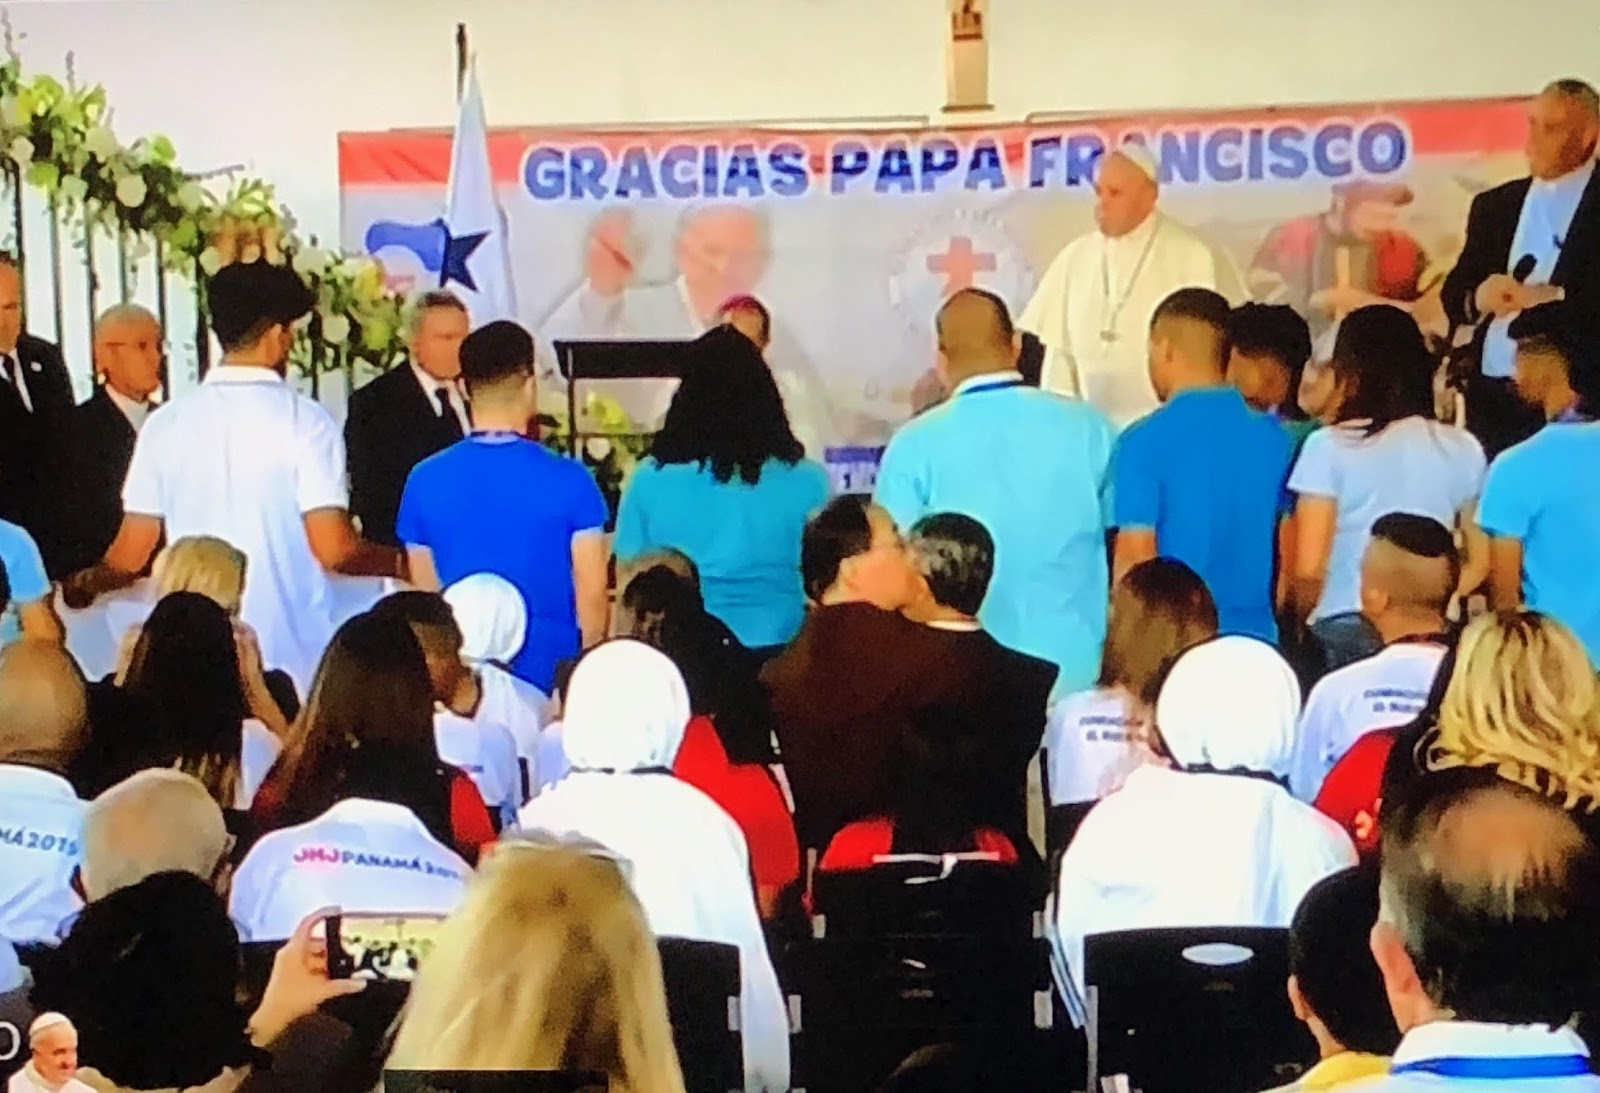 Toàn văn giờ Kinh Truyền Tin của Đức Thánh Cha tại Casa Hogar El Buen Samaritano